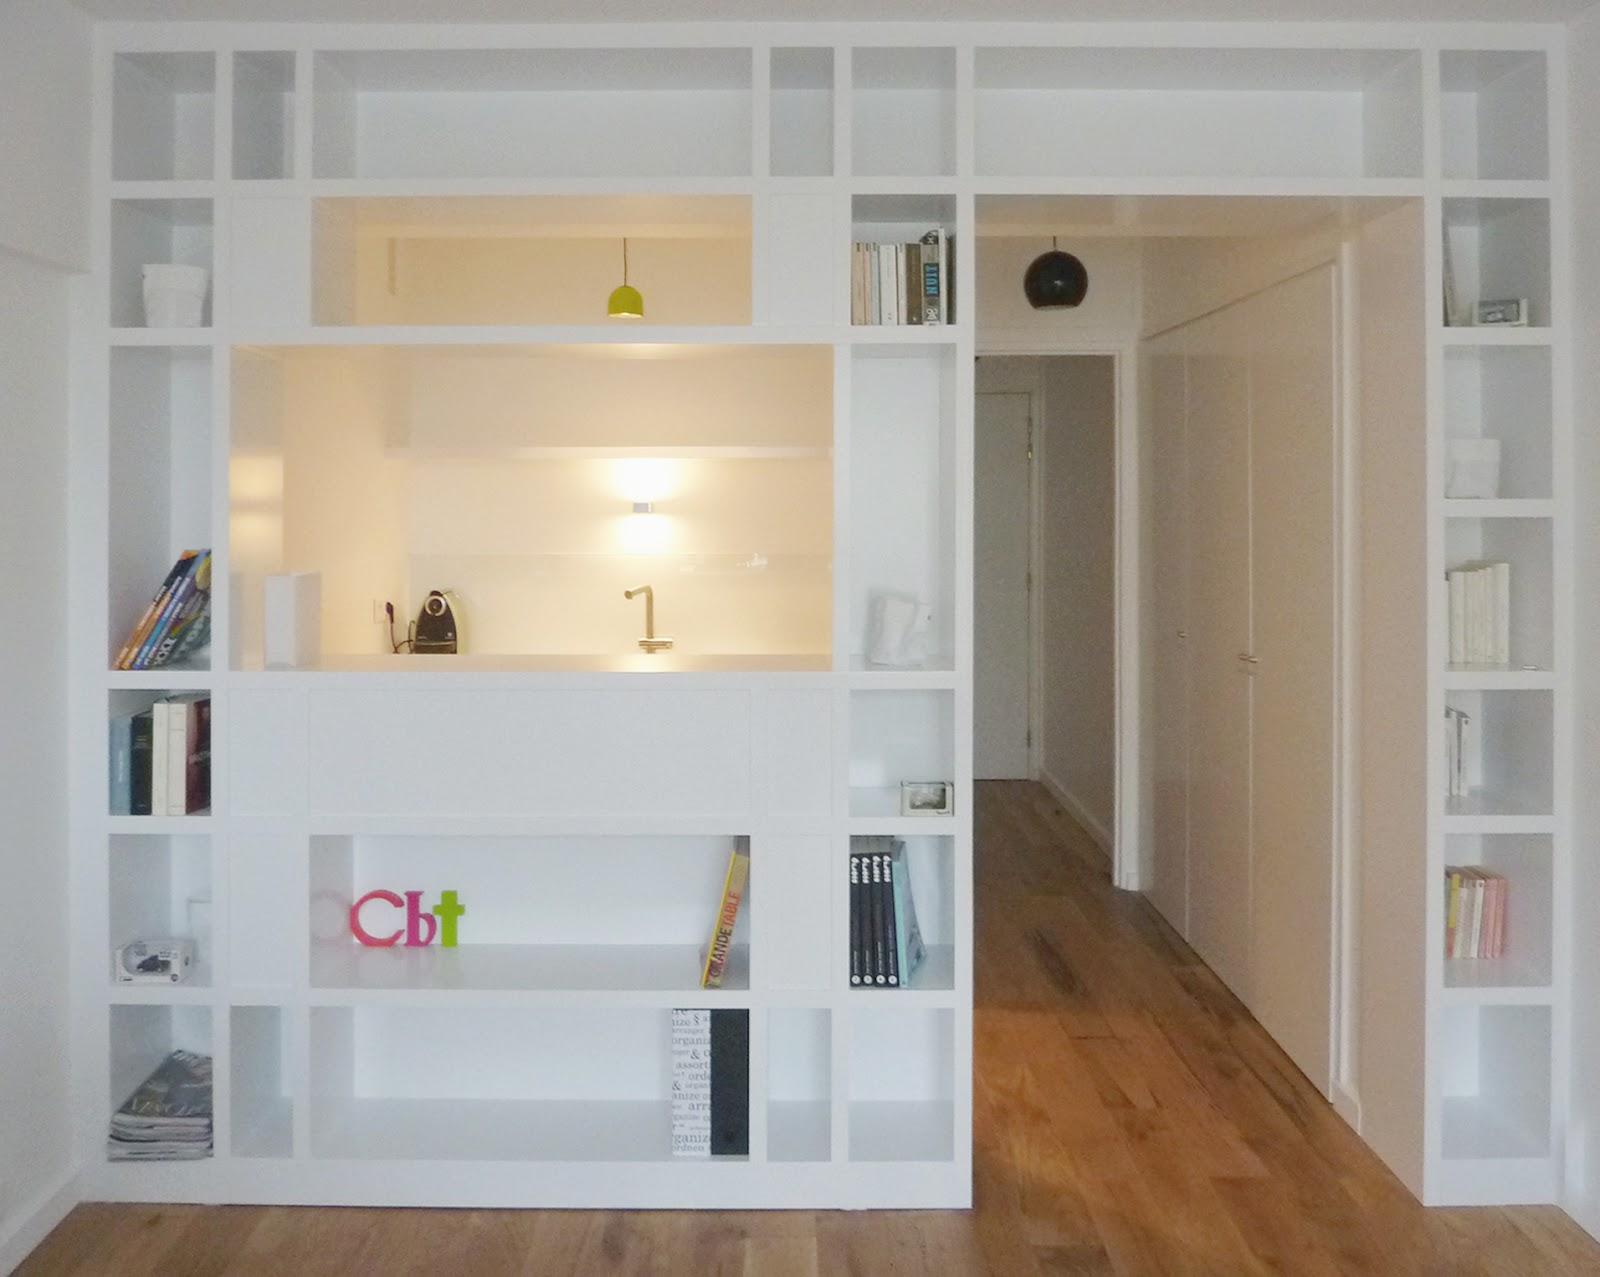 Restructuration d 39 un studio paris xvi me marion millet architecte dplg - Cloison amovible bibliotheque ...